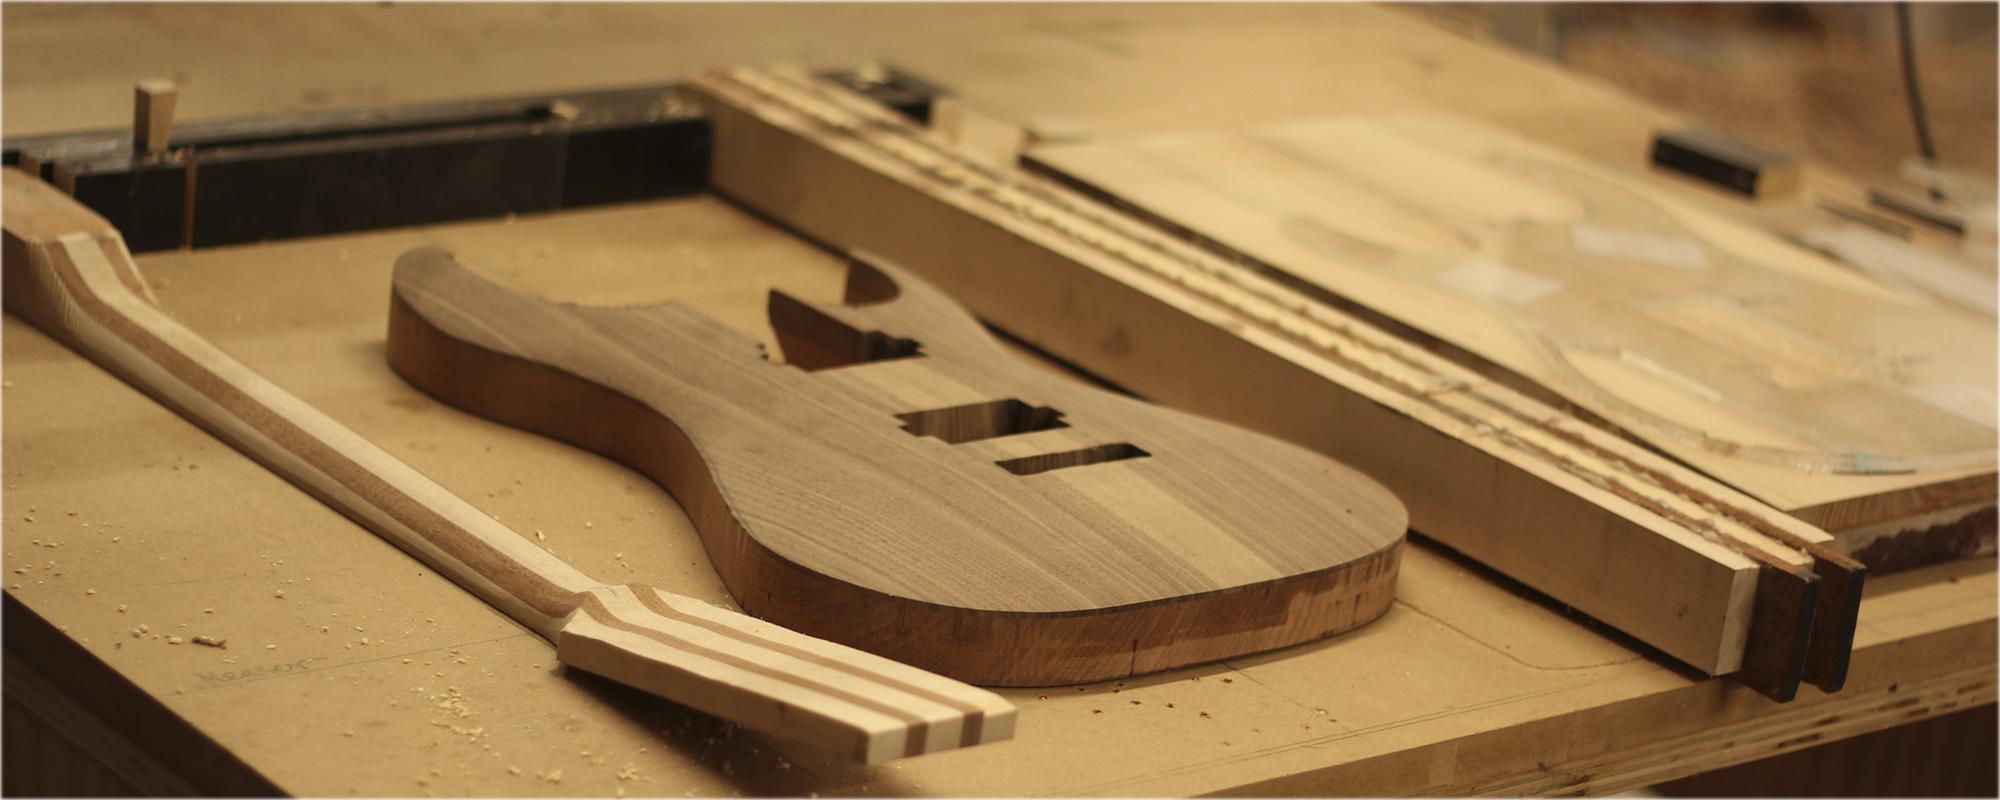 Voss Guitars - håndbyggede guitarer